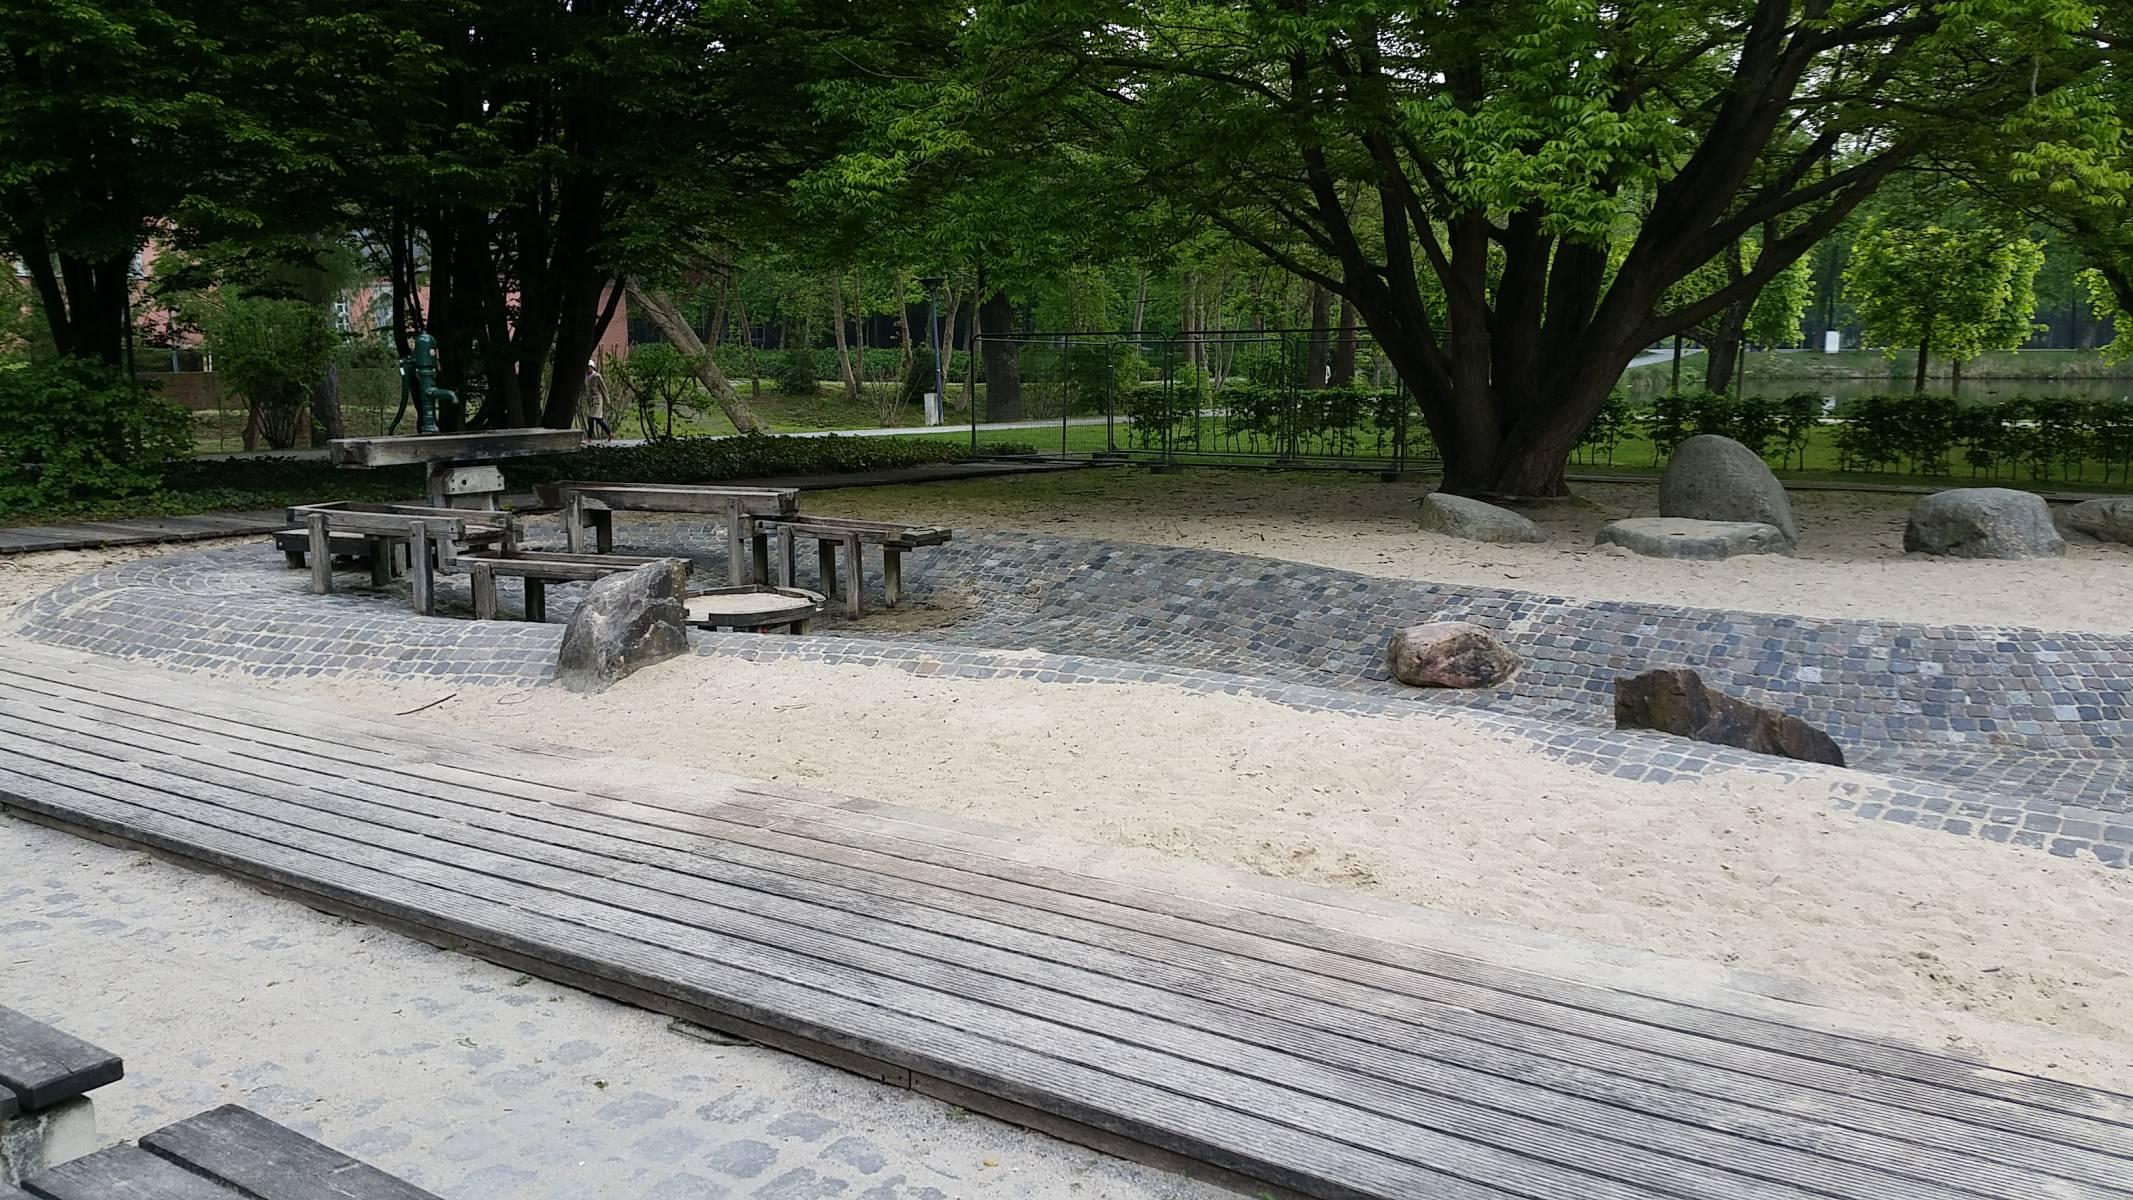 kates spielplatz hoch definition galerien - asia-tubesorg